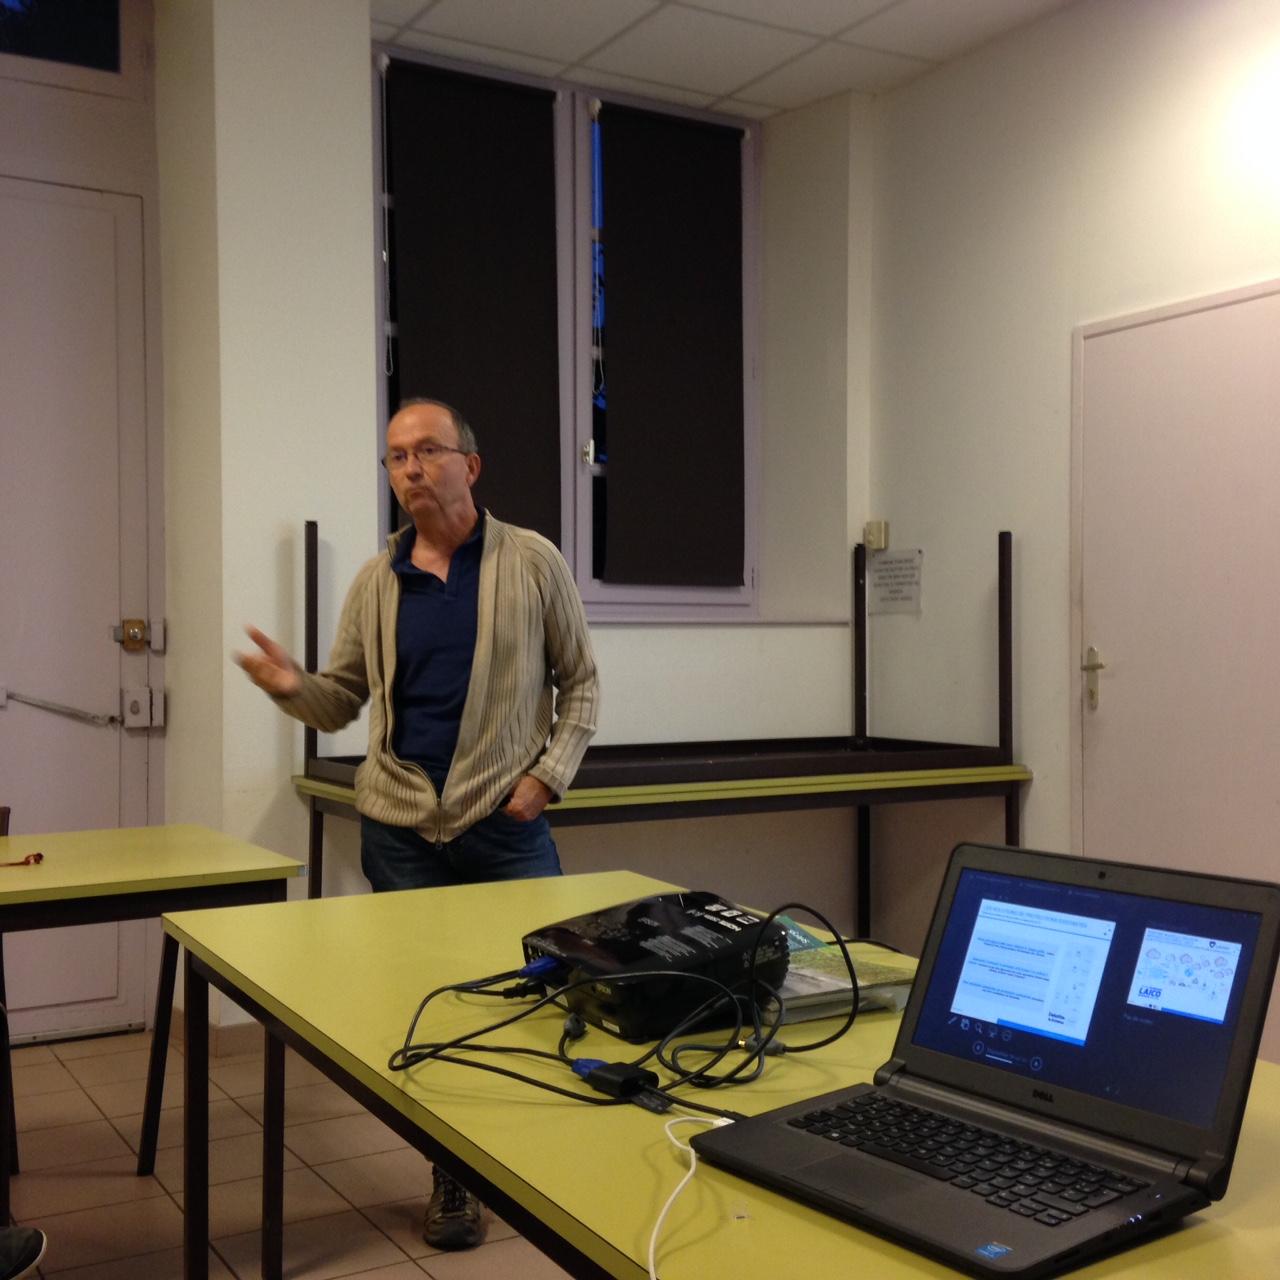 tireurs de fusées, 3 groupements de tireurs de fusées d'Ardèche s'intéressent aux solutions innovantes de lutte active